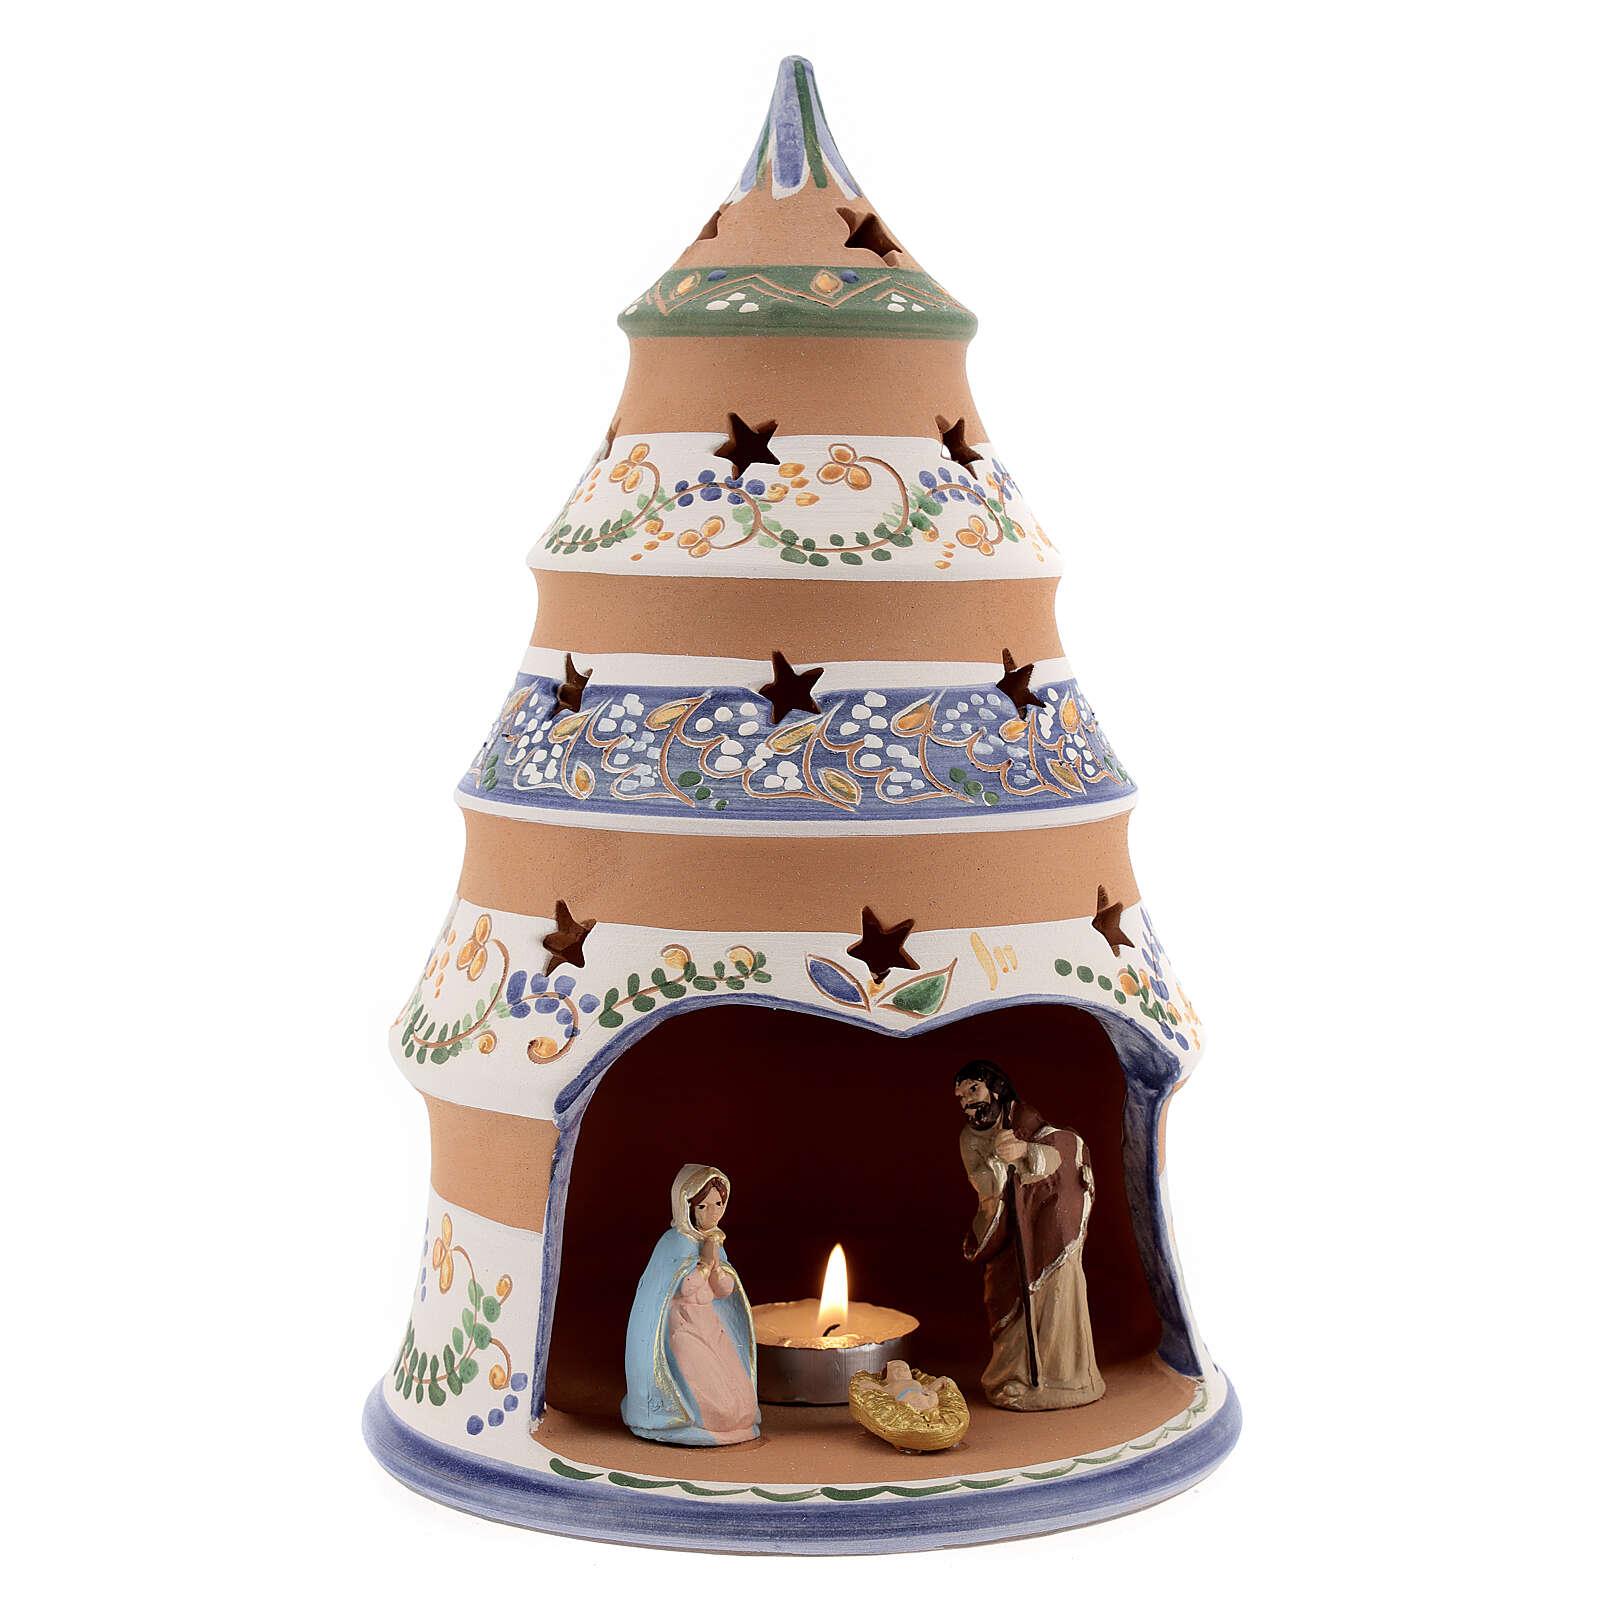 Árvore Natividade de Jesus estilo country decoração azul com vela e Sagrada Família terracota Deruta 25 cm 4